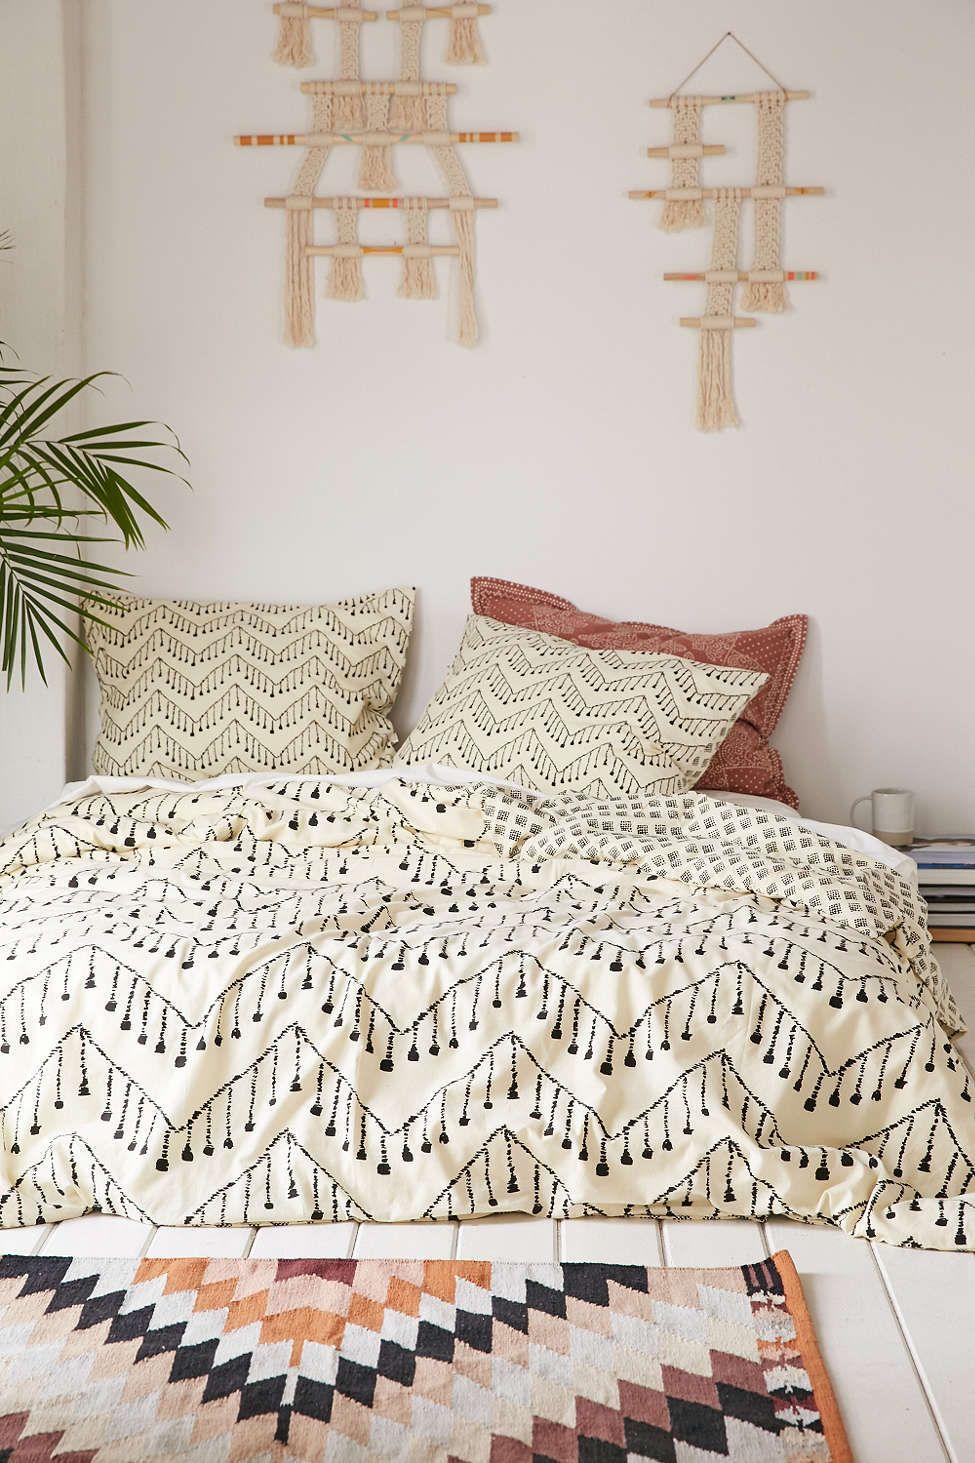 housse de couette inigo hand 4040 locust room d cor uo pinterest housses de couette. Black Bedroom Furniture Sets. Home Design Ideas